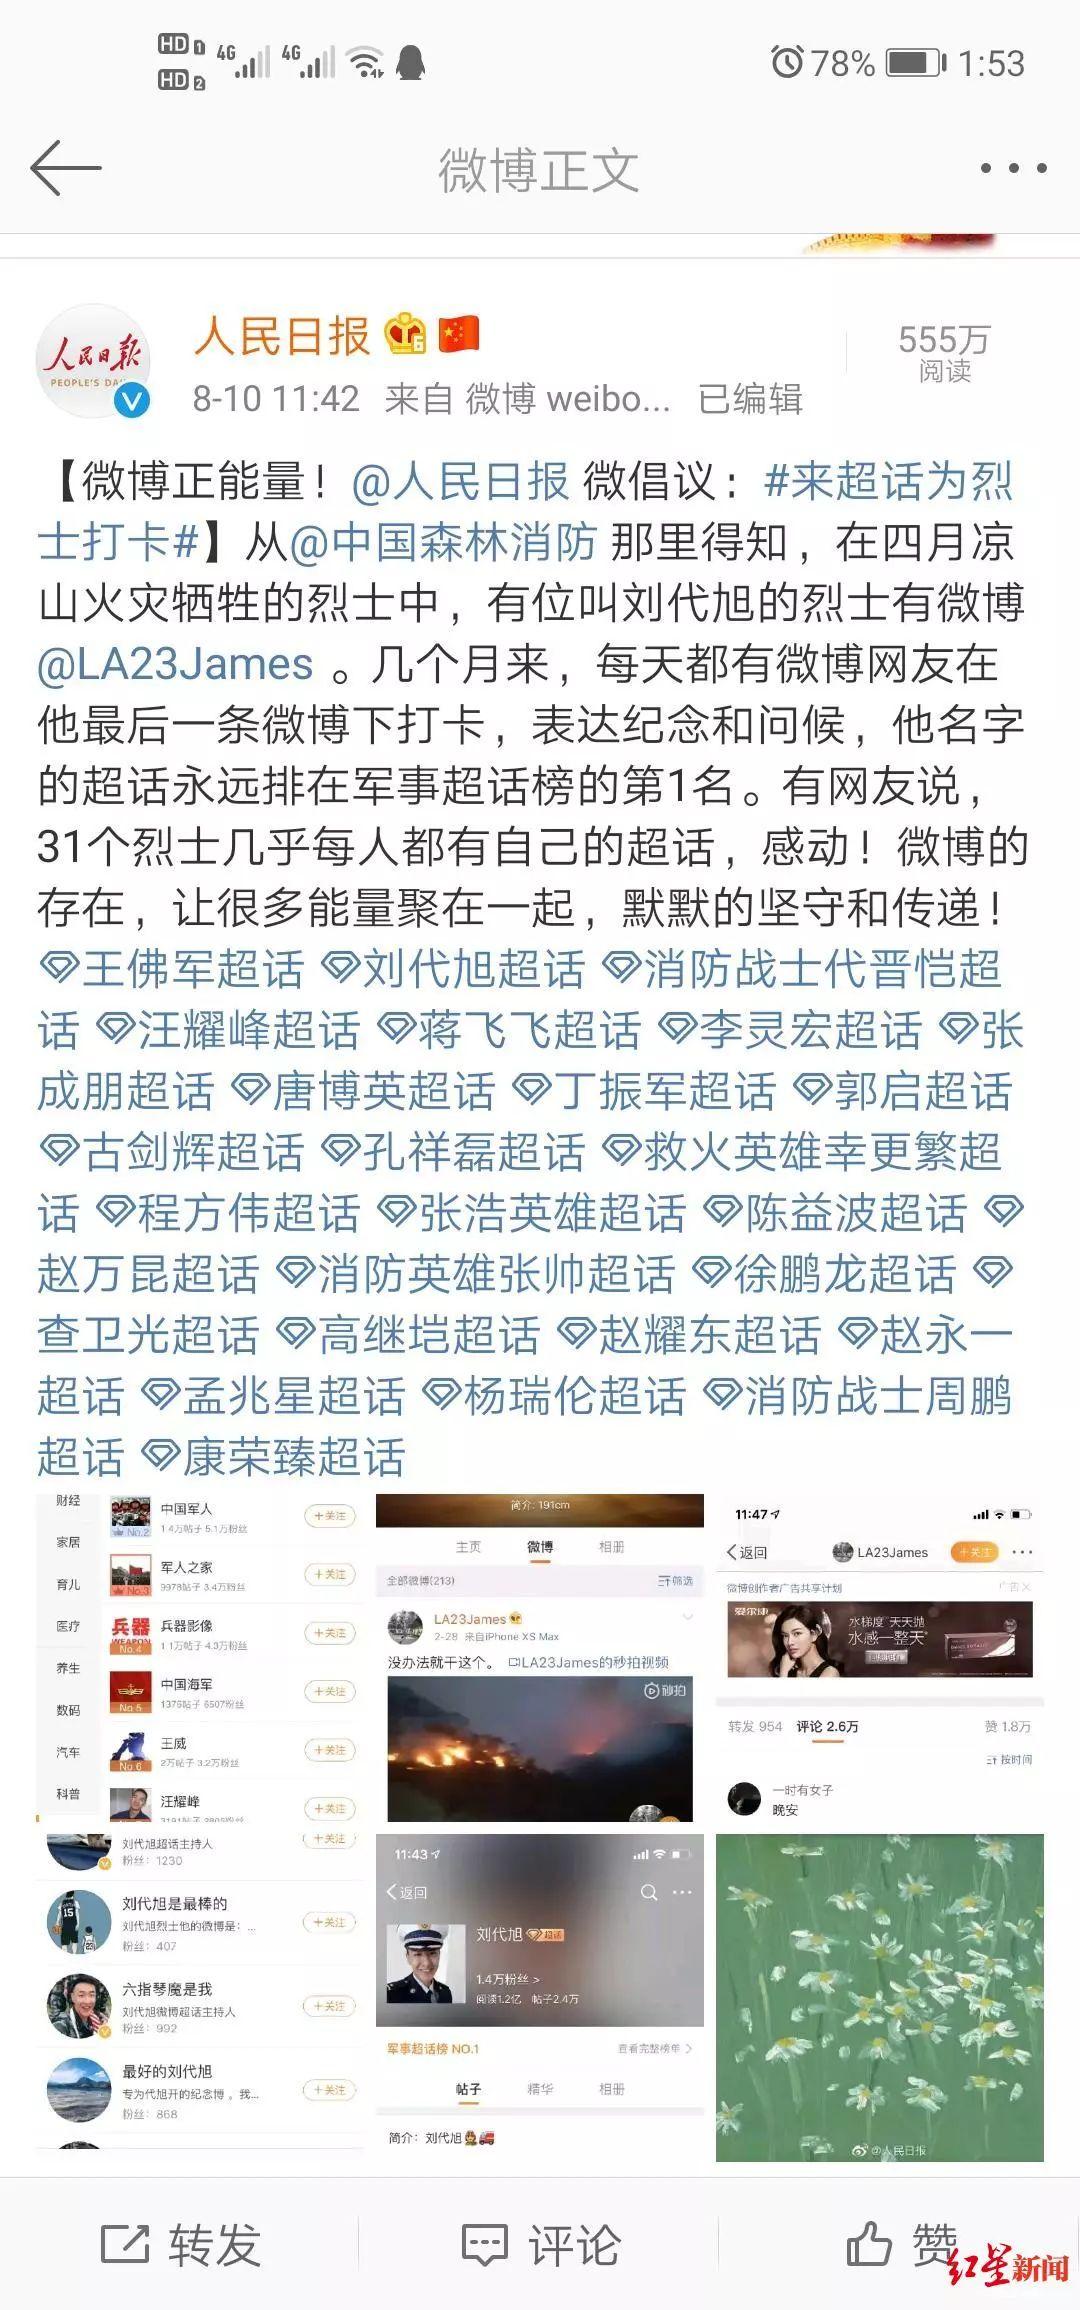 泪目!木里火灾牺牲英雄刘代旭排军事超话榜第1名,...